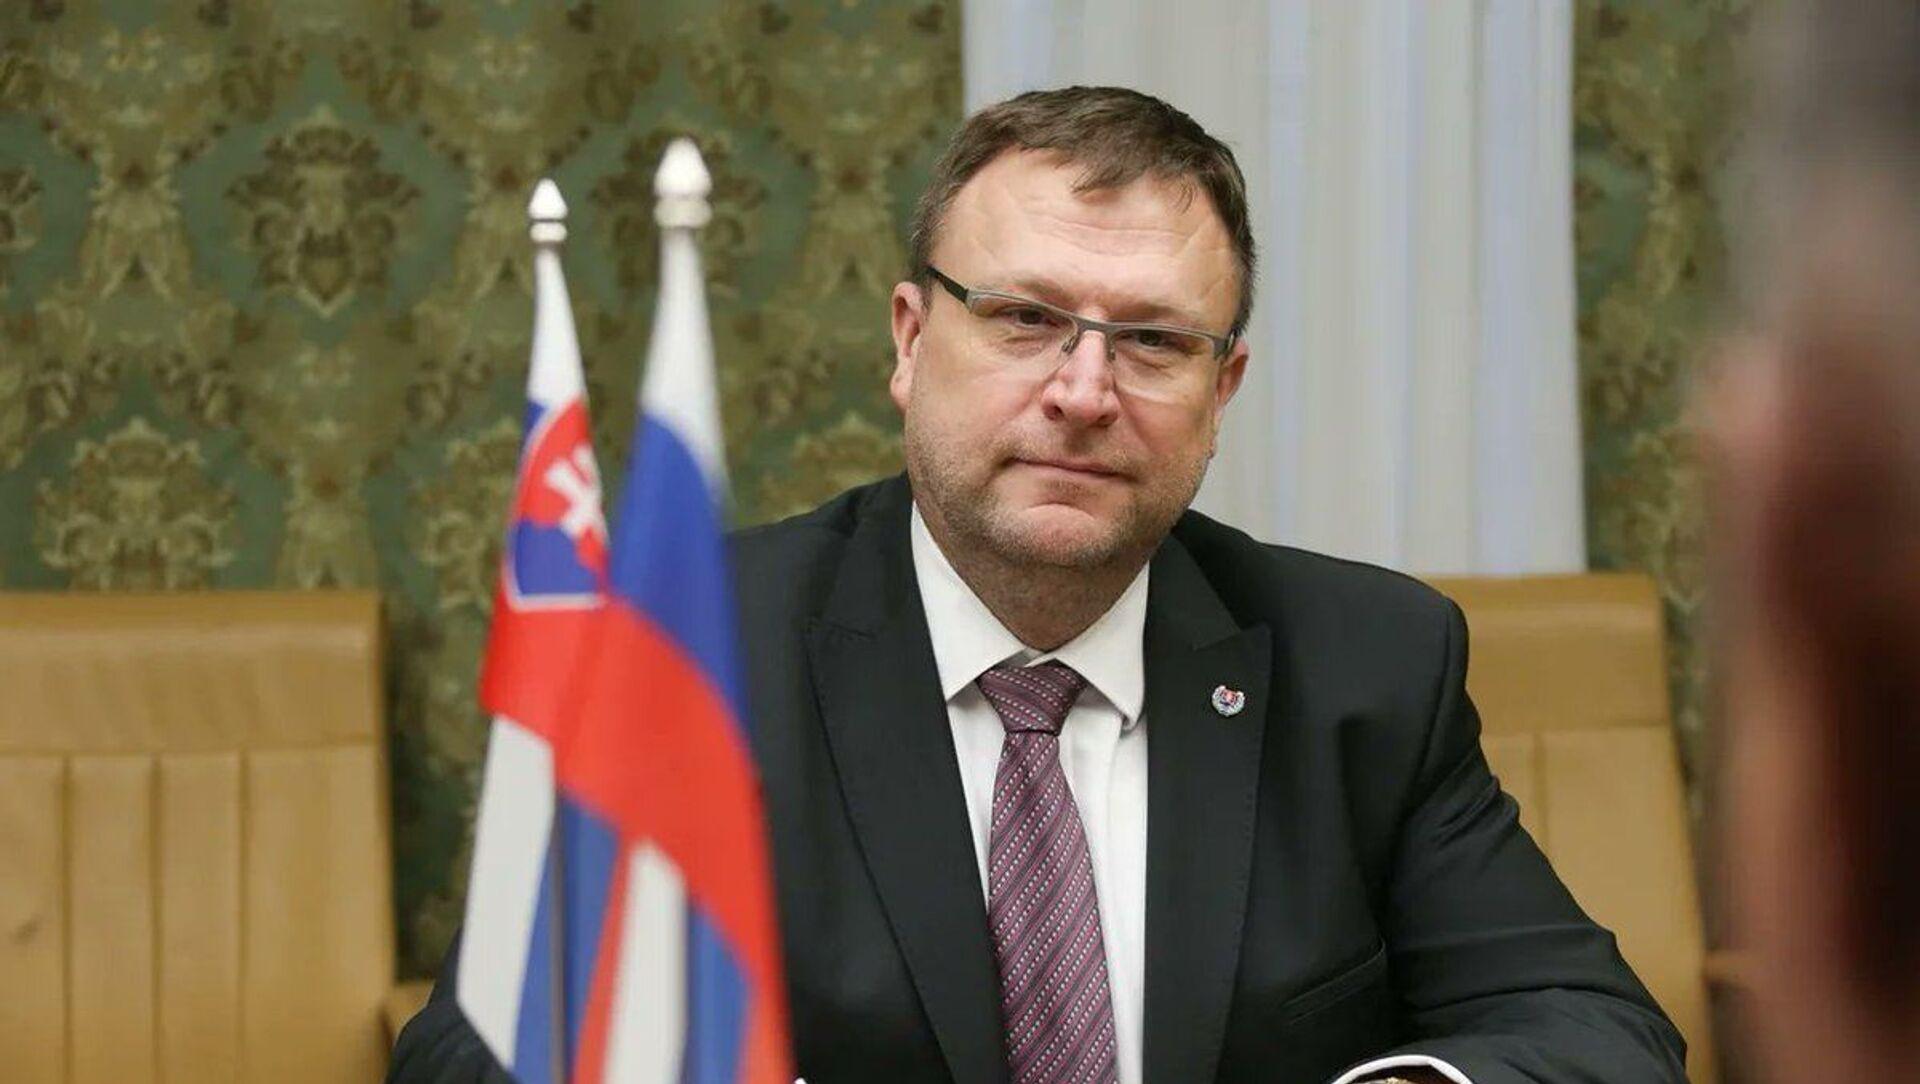 Slovenský velvyslanec v Rusku Ľubomír Rehák - Sputnik Česká republika, 1920, 05.04.2021